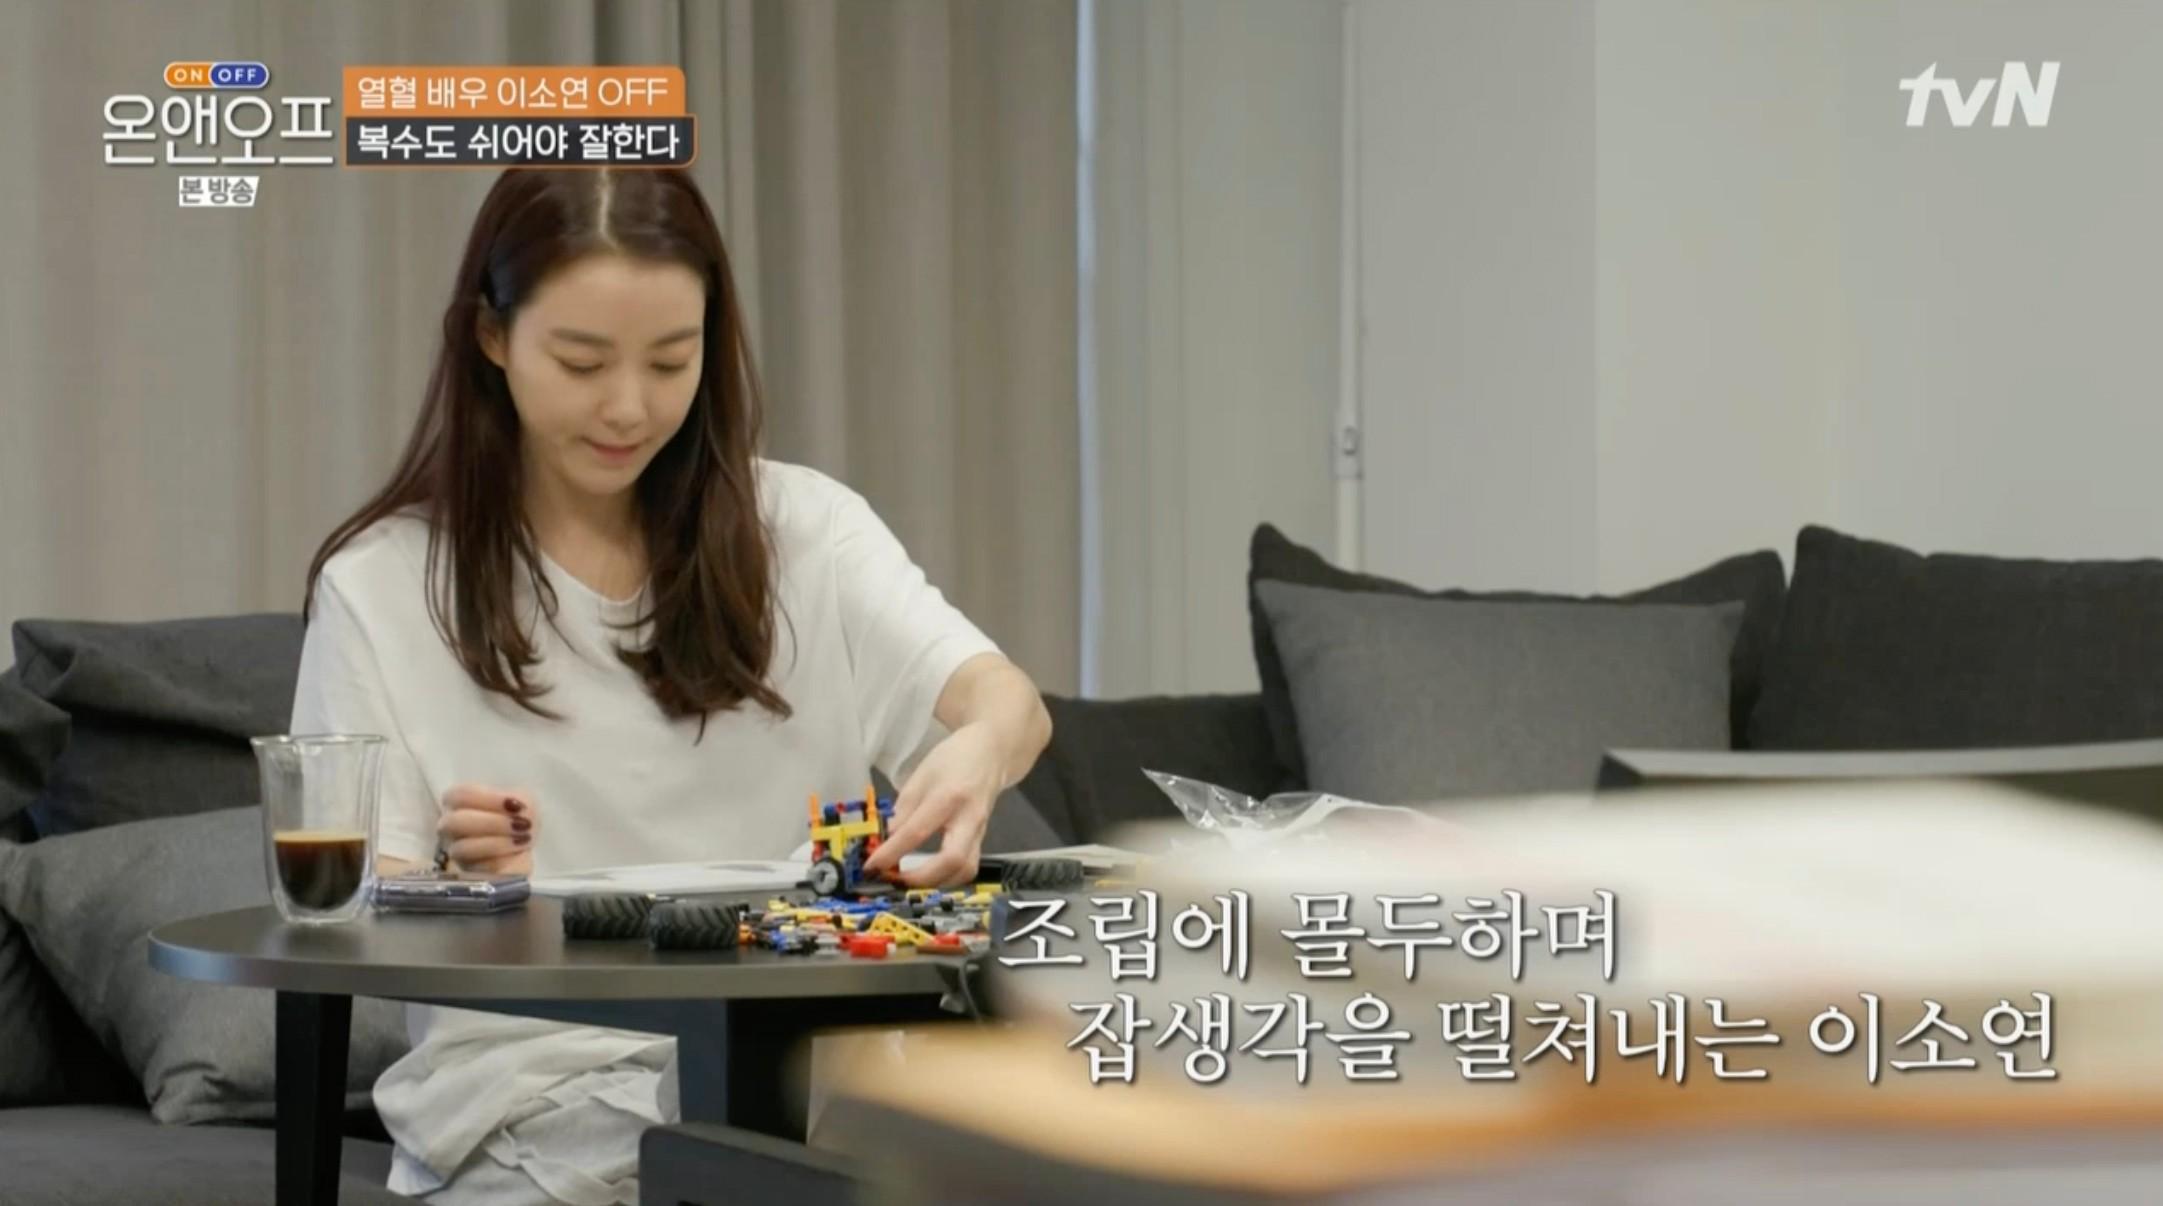 '온앤오프' 이소연, 열정 폭발+인간미 '매력↑'